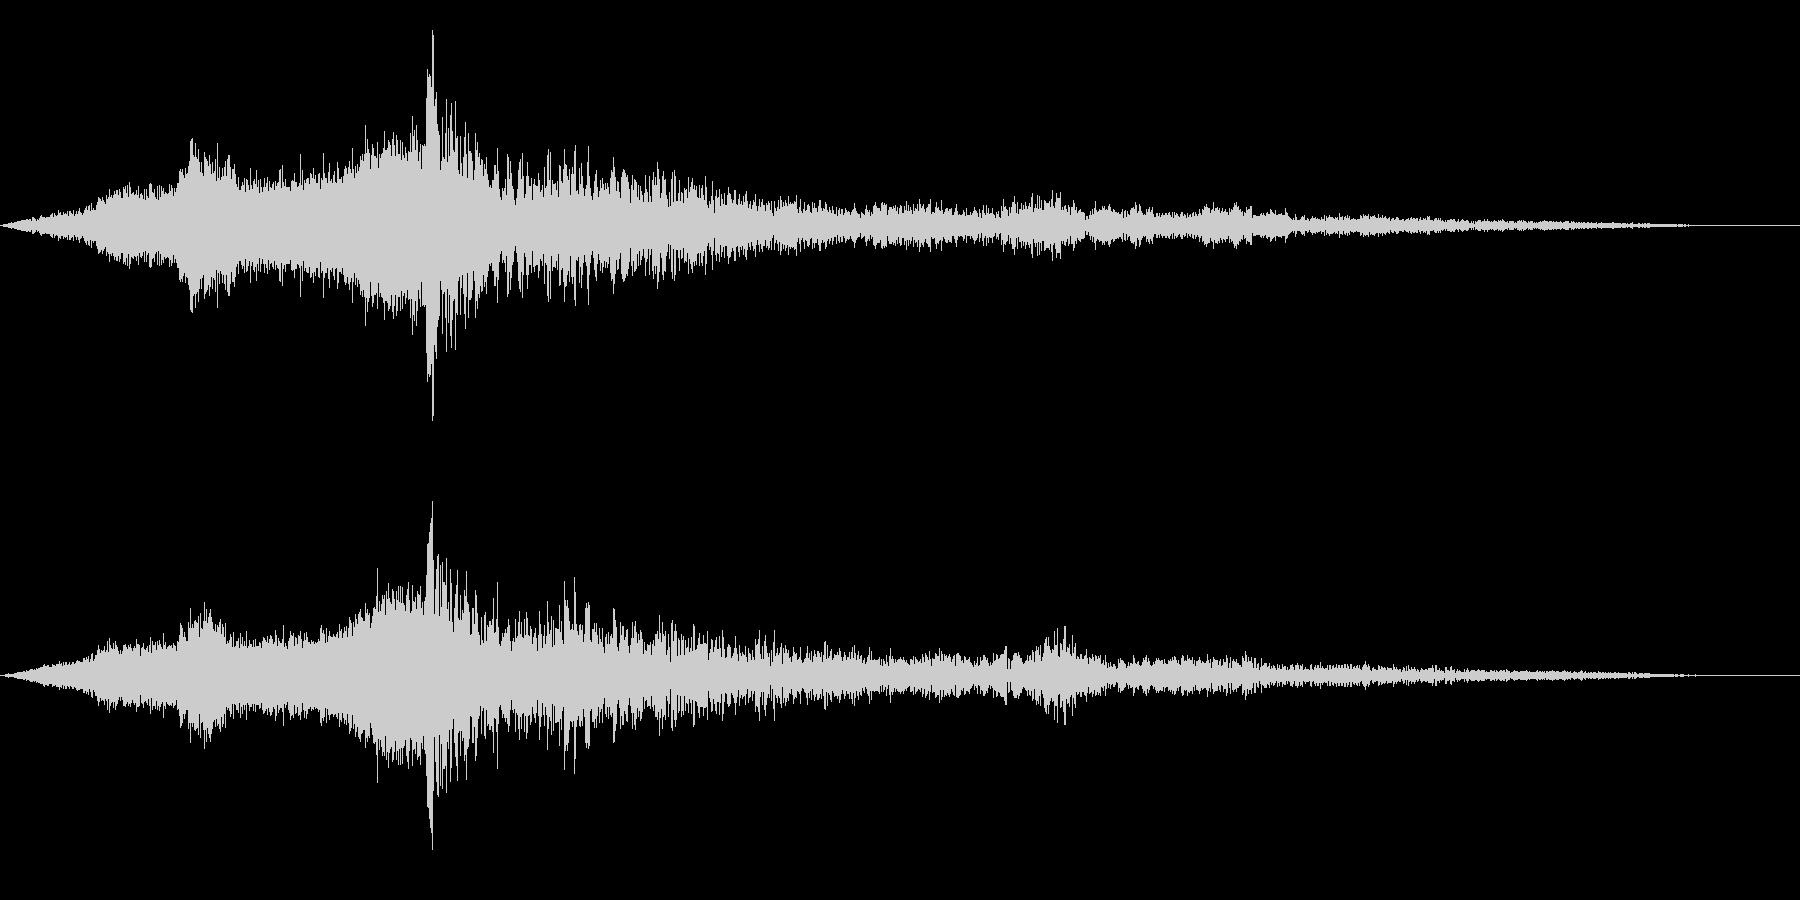 ホラー映画に出てきそうなノイズ系音源19の未再生の波形